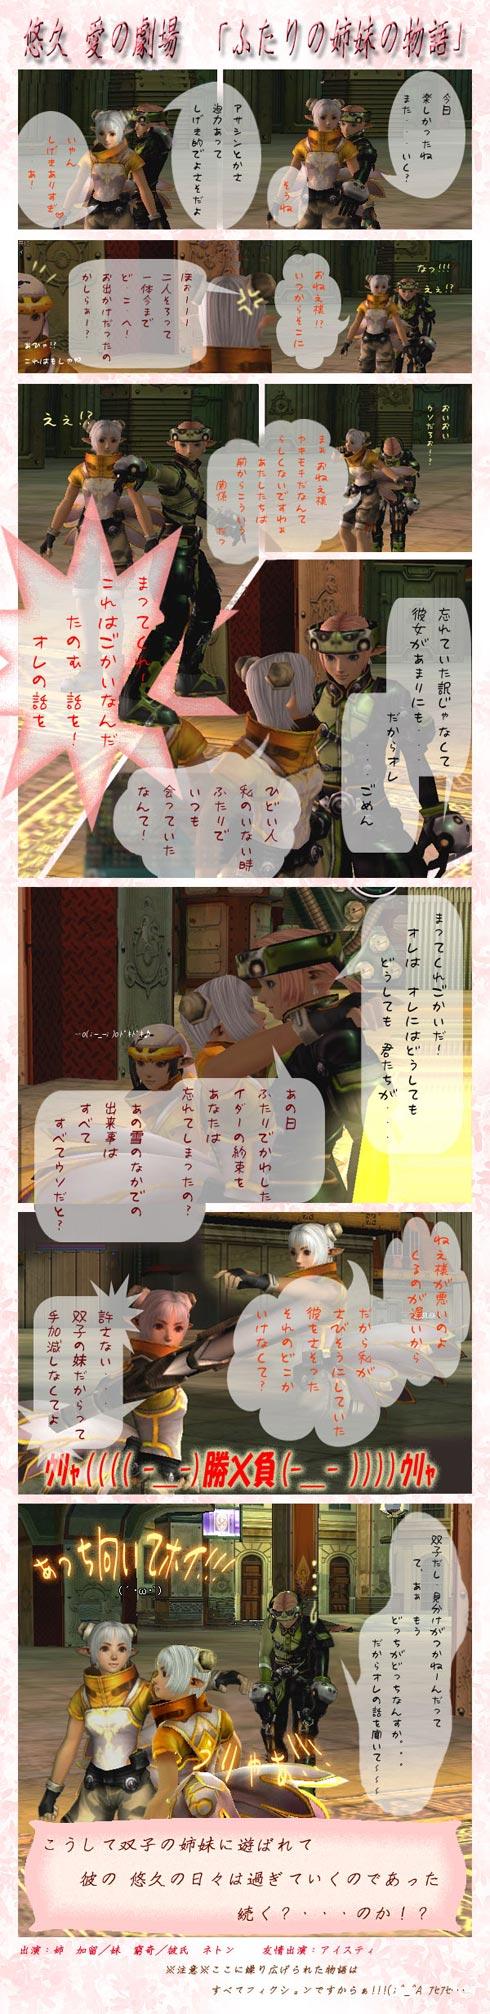 yukyugekijyo1-all.jpg